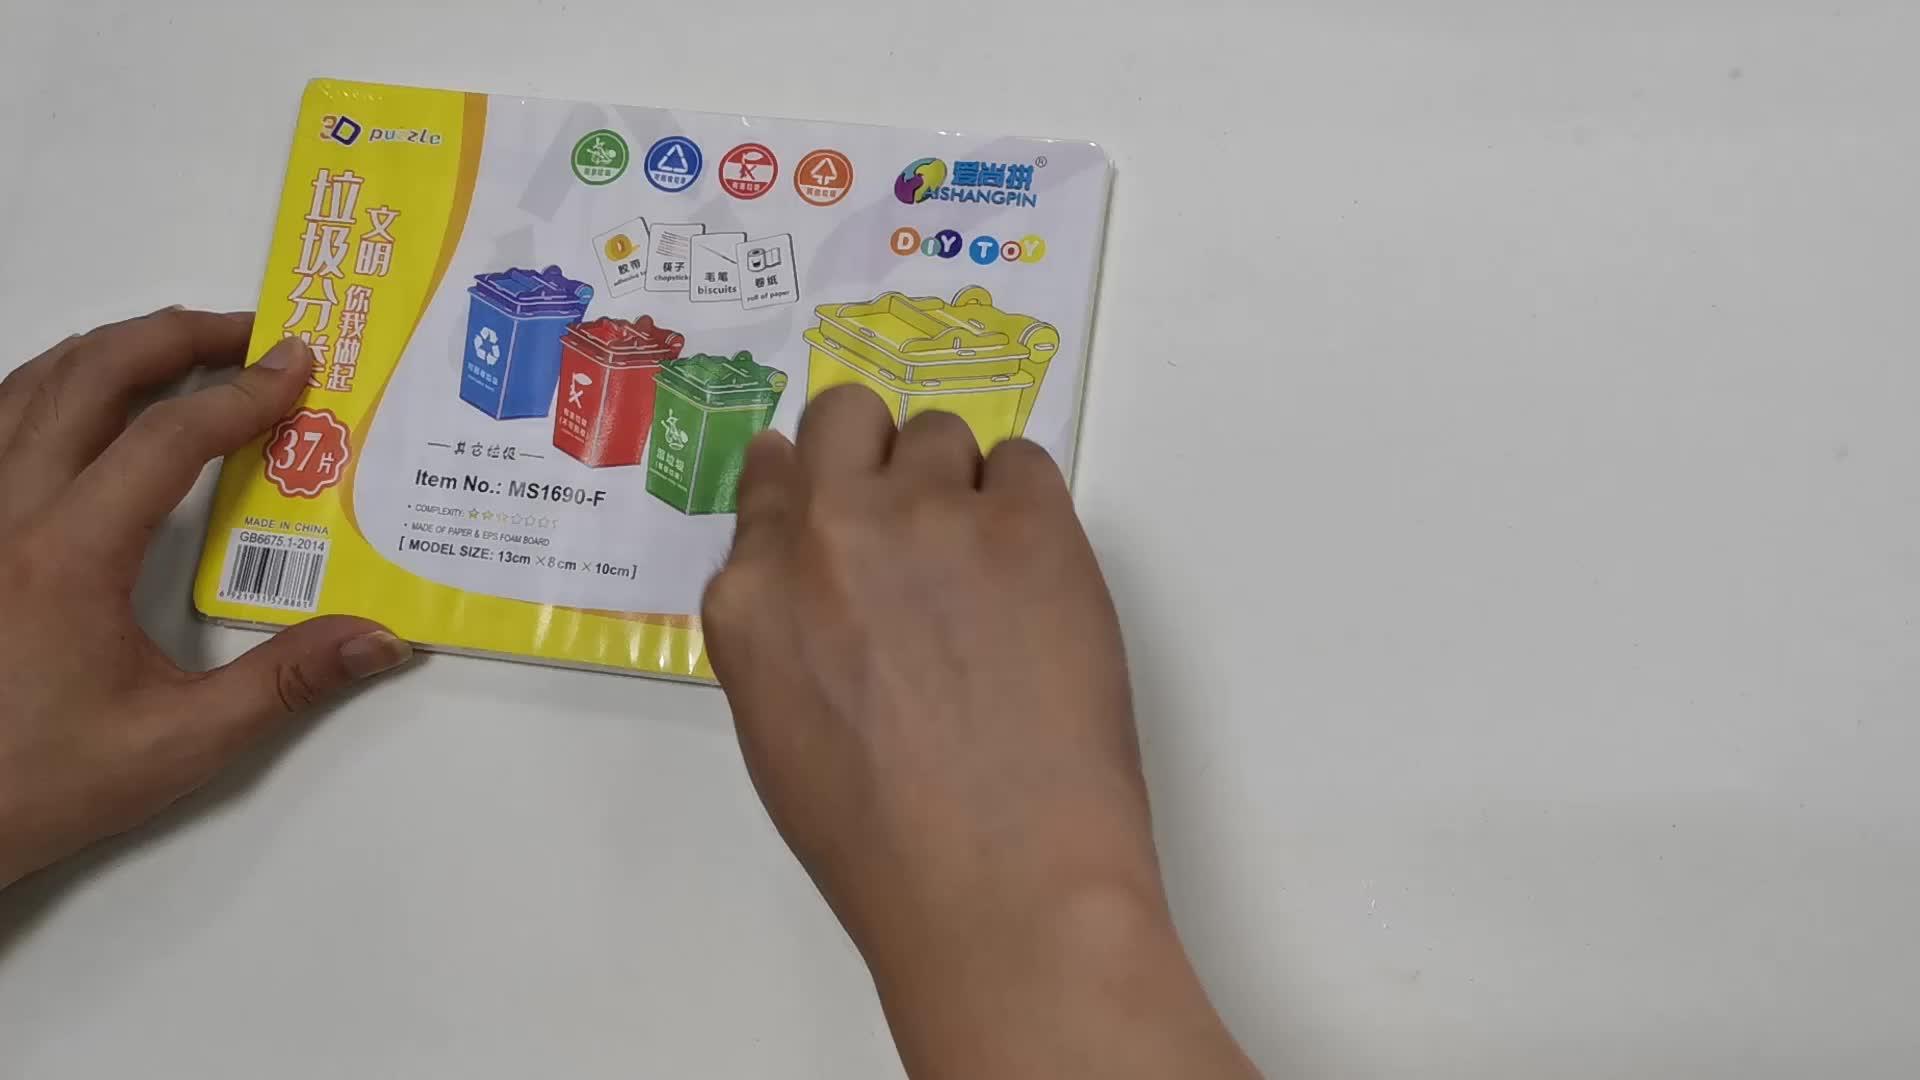 Anak-anak Kreatif Mini Mainan Puzzle Kertas Busa 3D Stereoscopic Permainan Jigsaw Puzzle Hot Jual Tempat Sampah Sampah